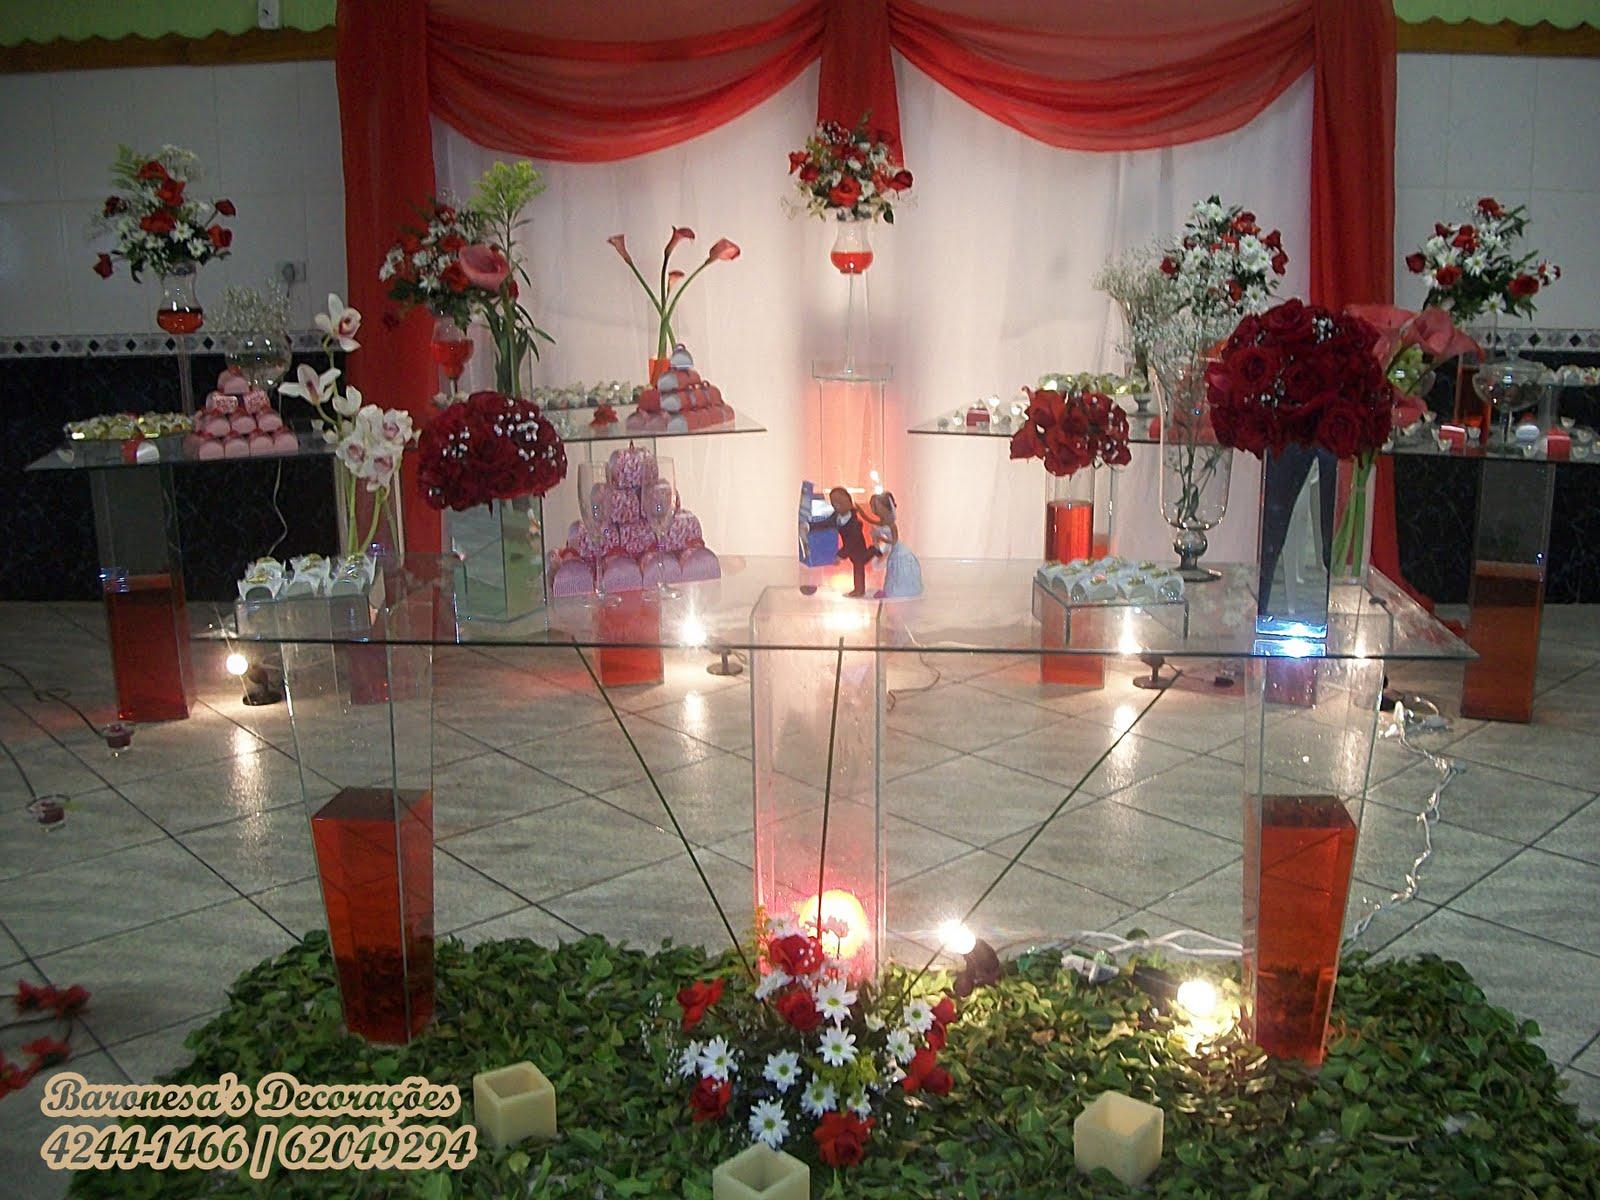 decorações de festas Decoração Casamento Vermelho e Branco